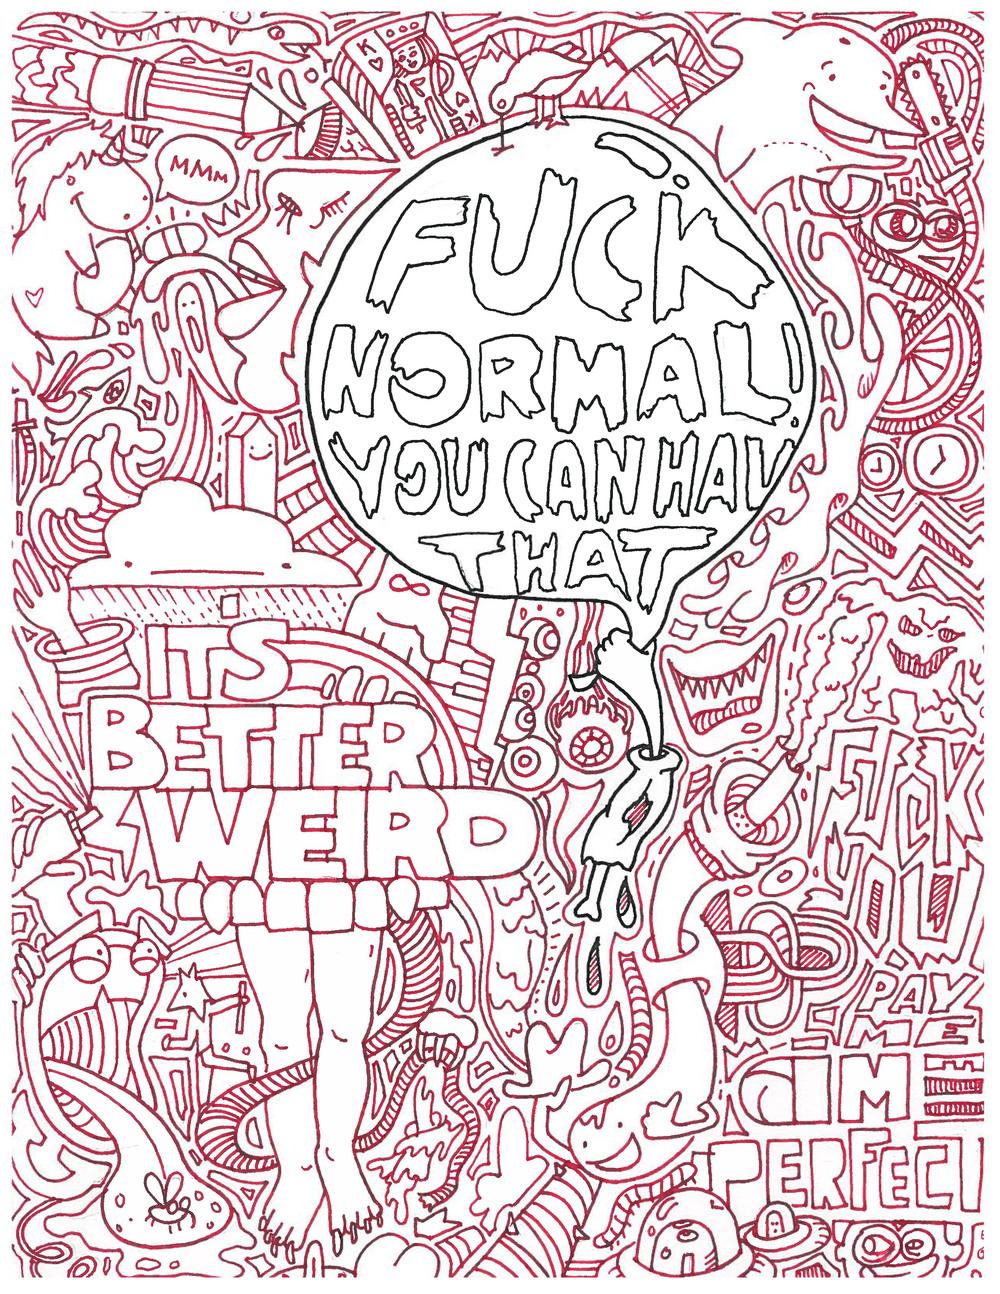 fucknormal.jpg